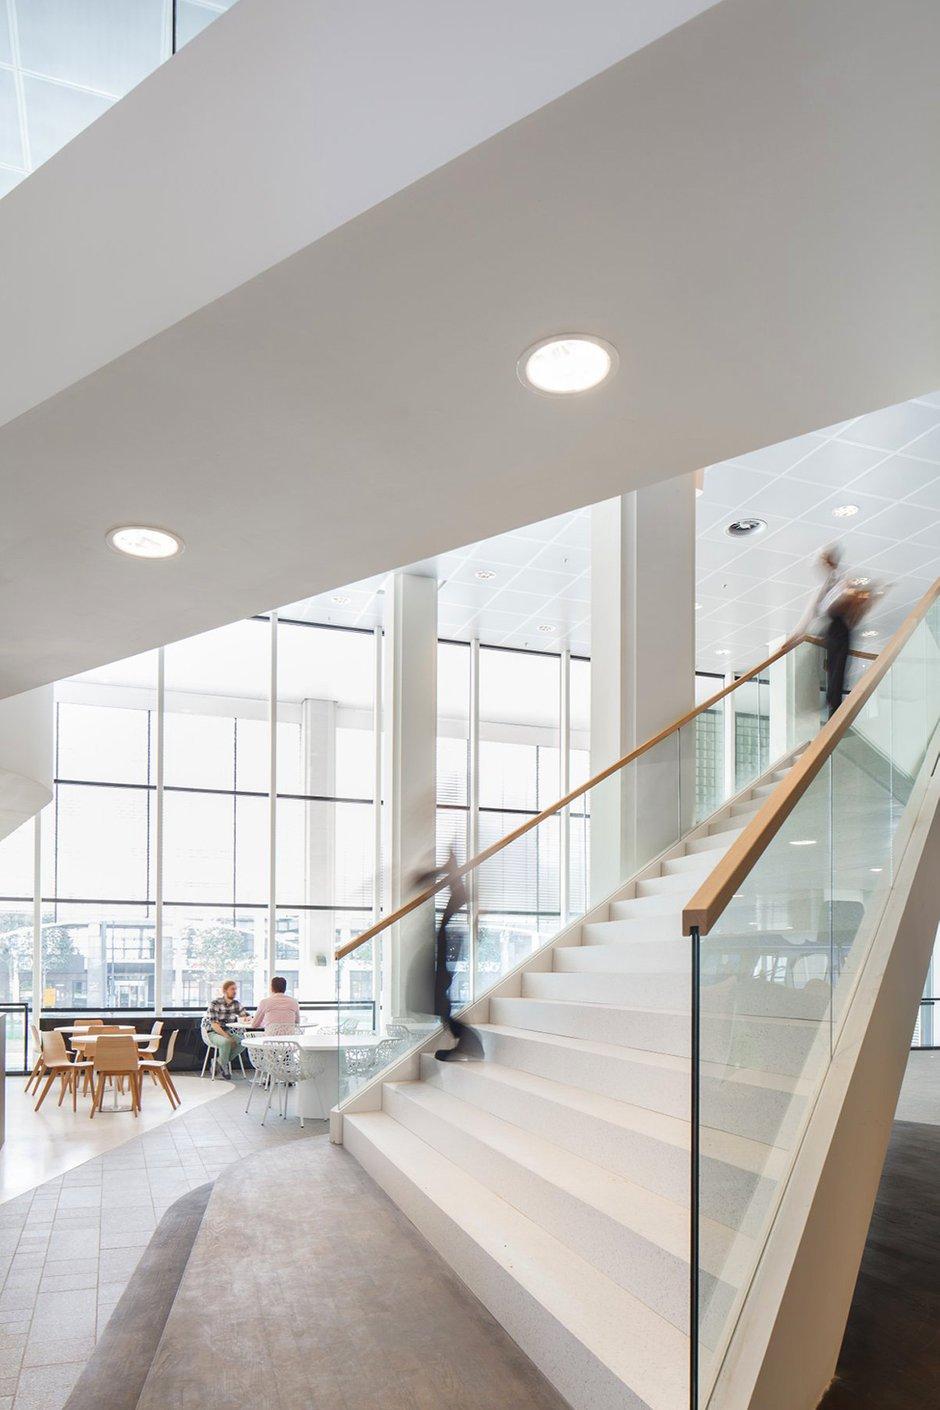 Фотография: Офис в стиле Скандинавский, Современный, Декор интерьера, Офисное пространство, Цвет в интерьере, Дома и квартиры, Белый, Проект недели – фото на INMYROOM